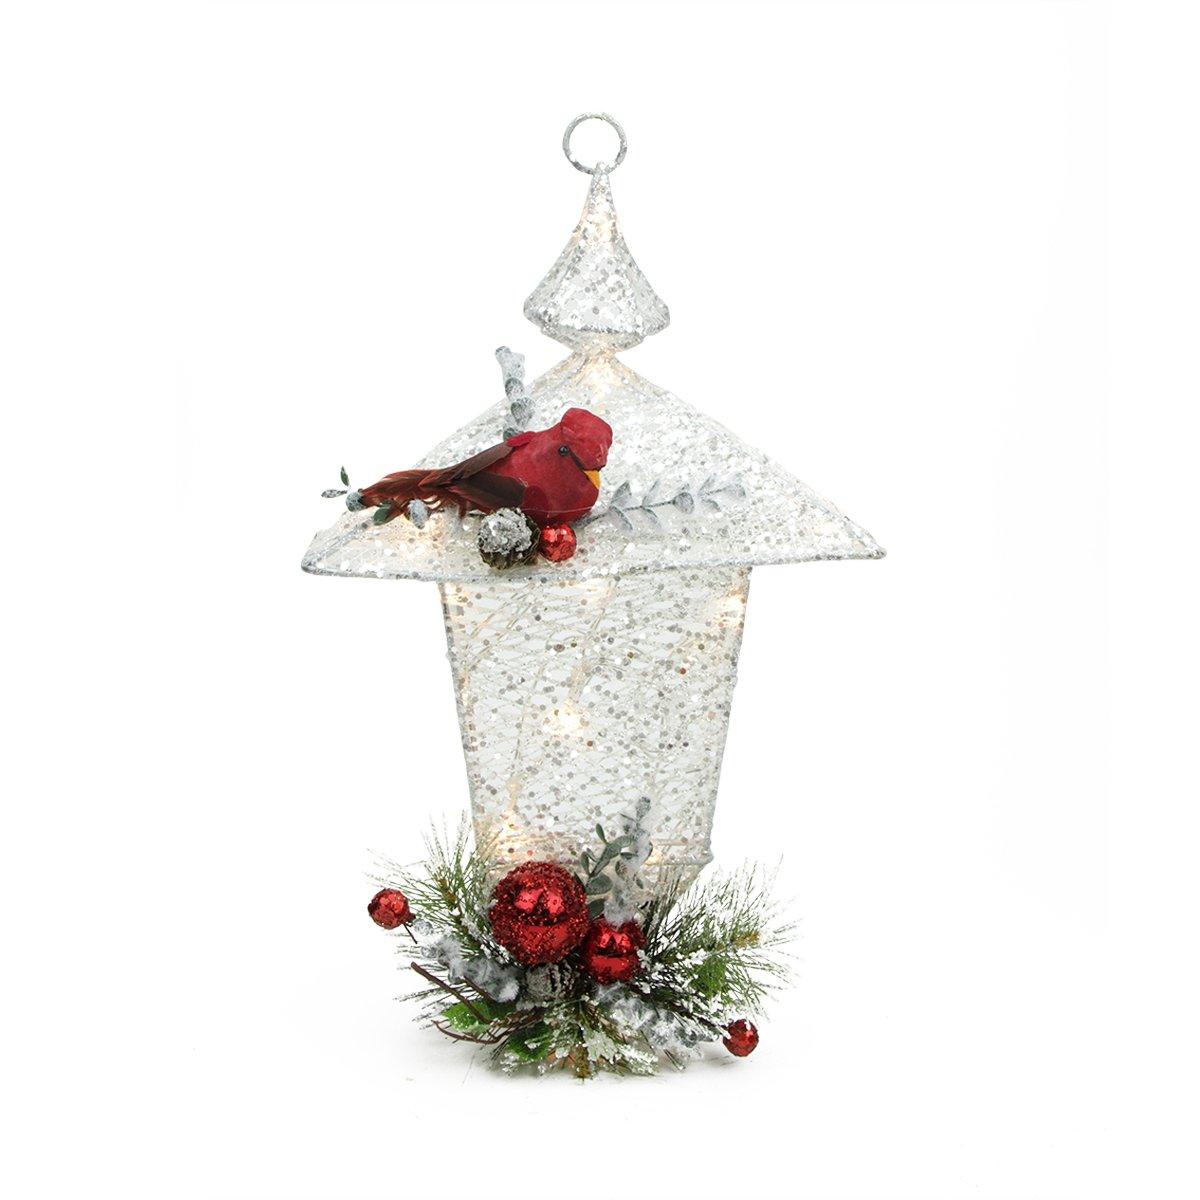 Battery Christmas Lights Amazon Christmas Cardinal Tabletop Lanterns | Christmas Wikii